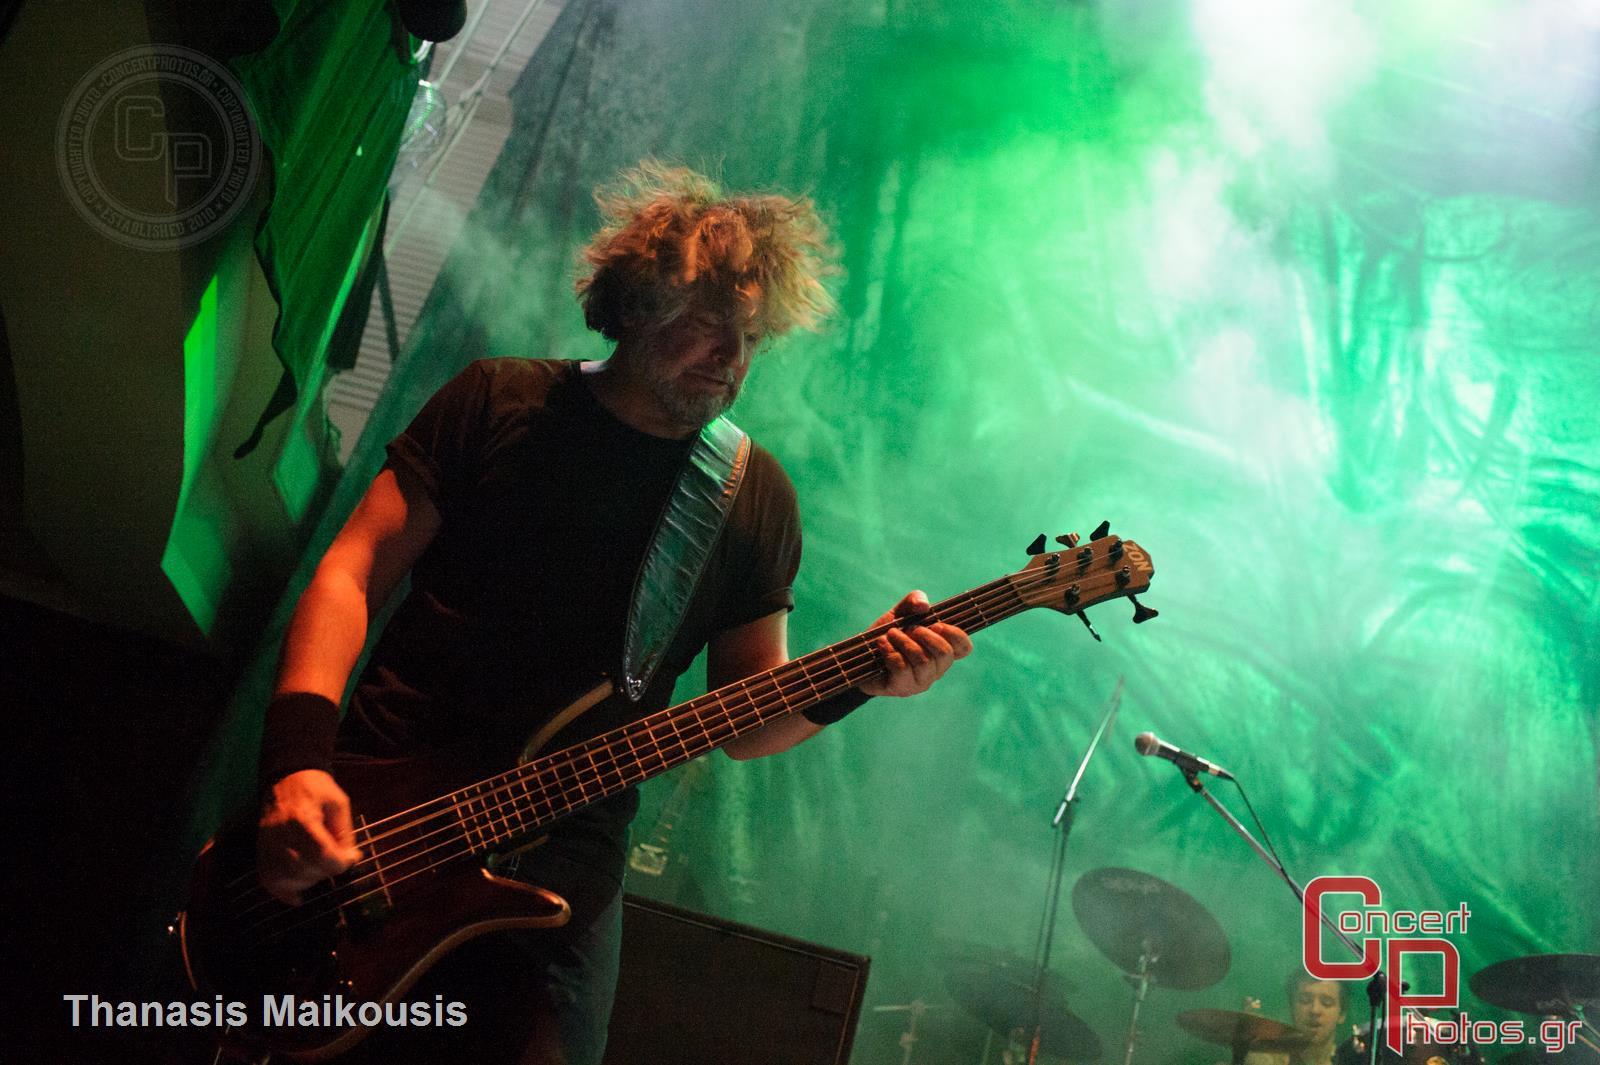 Sepultura-Sepultira photographer: Thanasis Maikousis - concertphotos_20140703_22_12_41